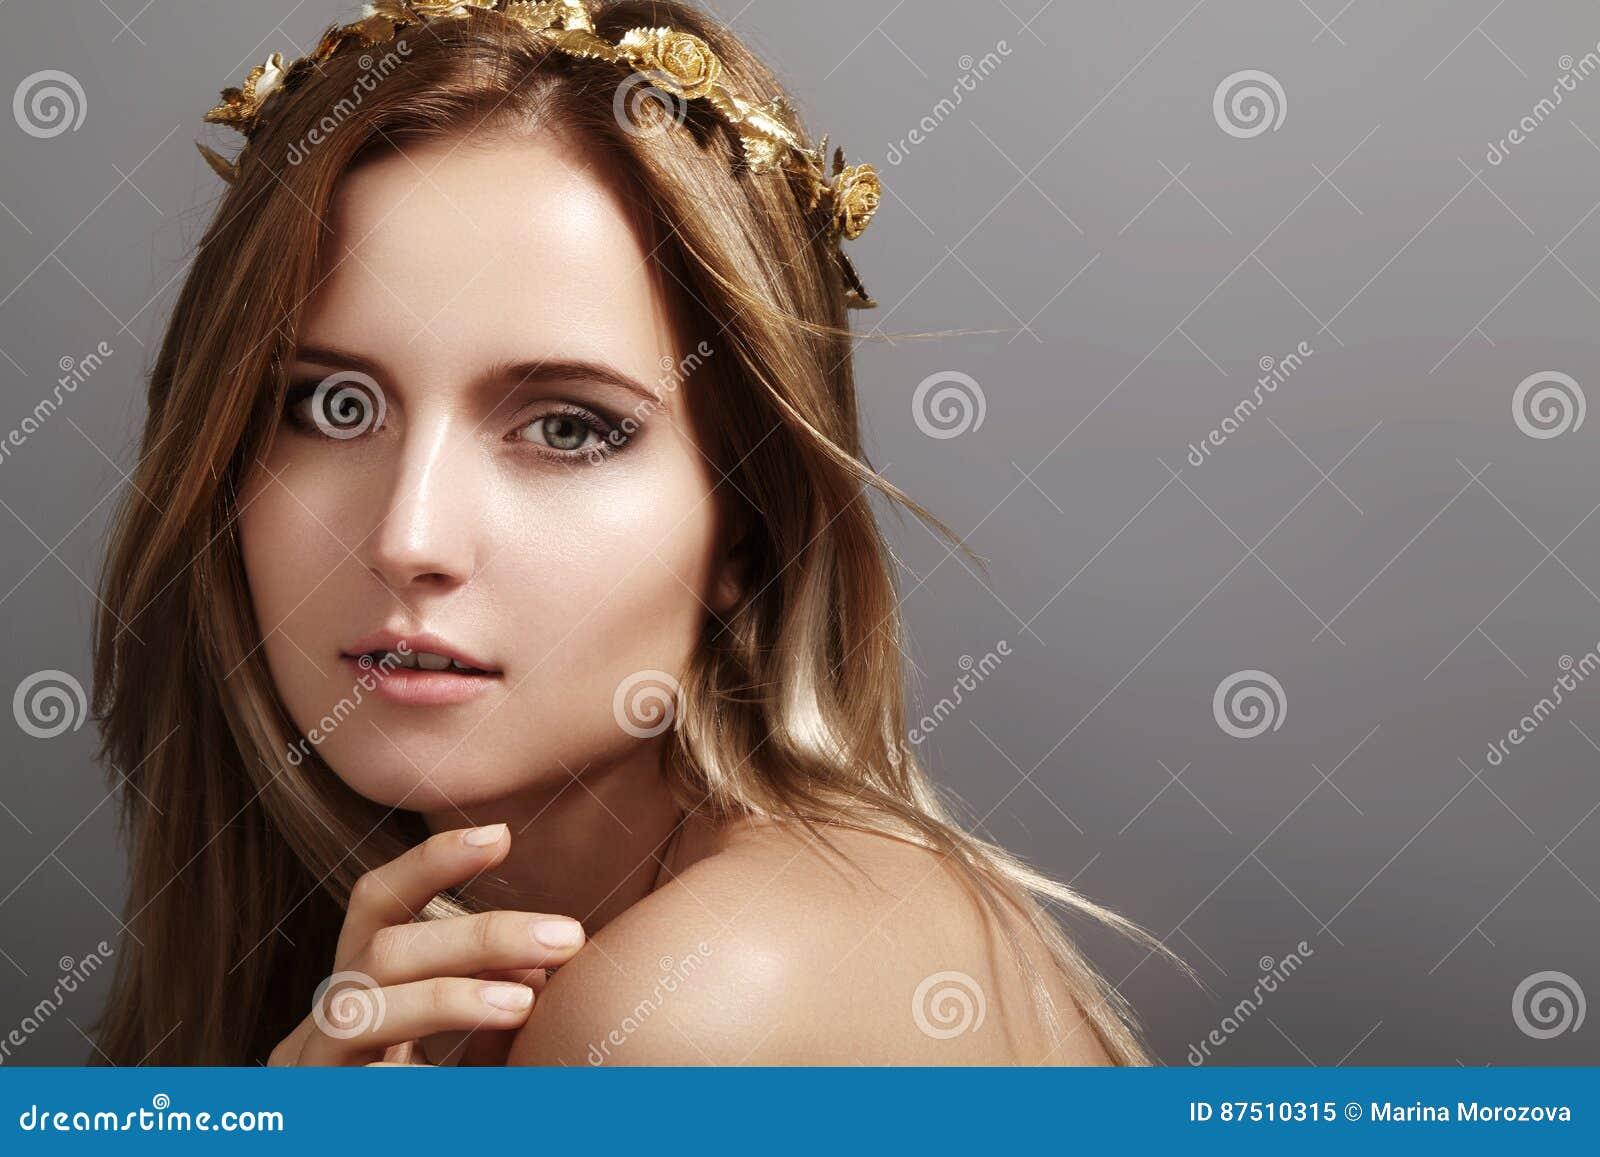 Modelo hermoso de la mujer joven con el pelo del color claro del vuelo  Retrato de la belleza con la piel limpia c836cb0e2b84